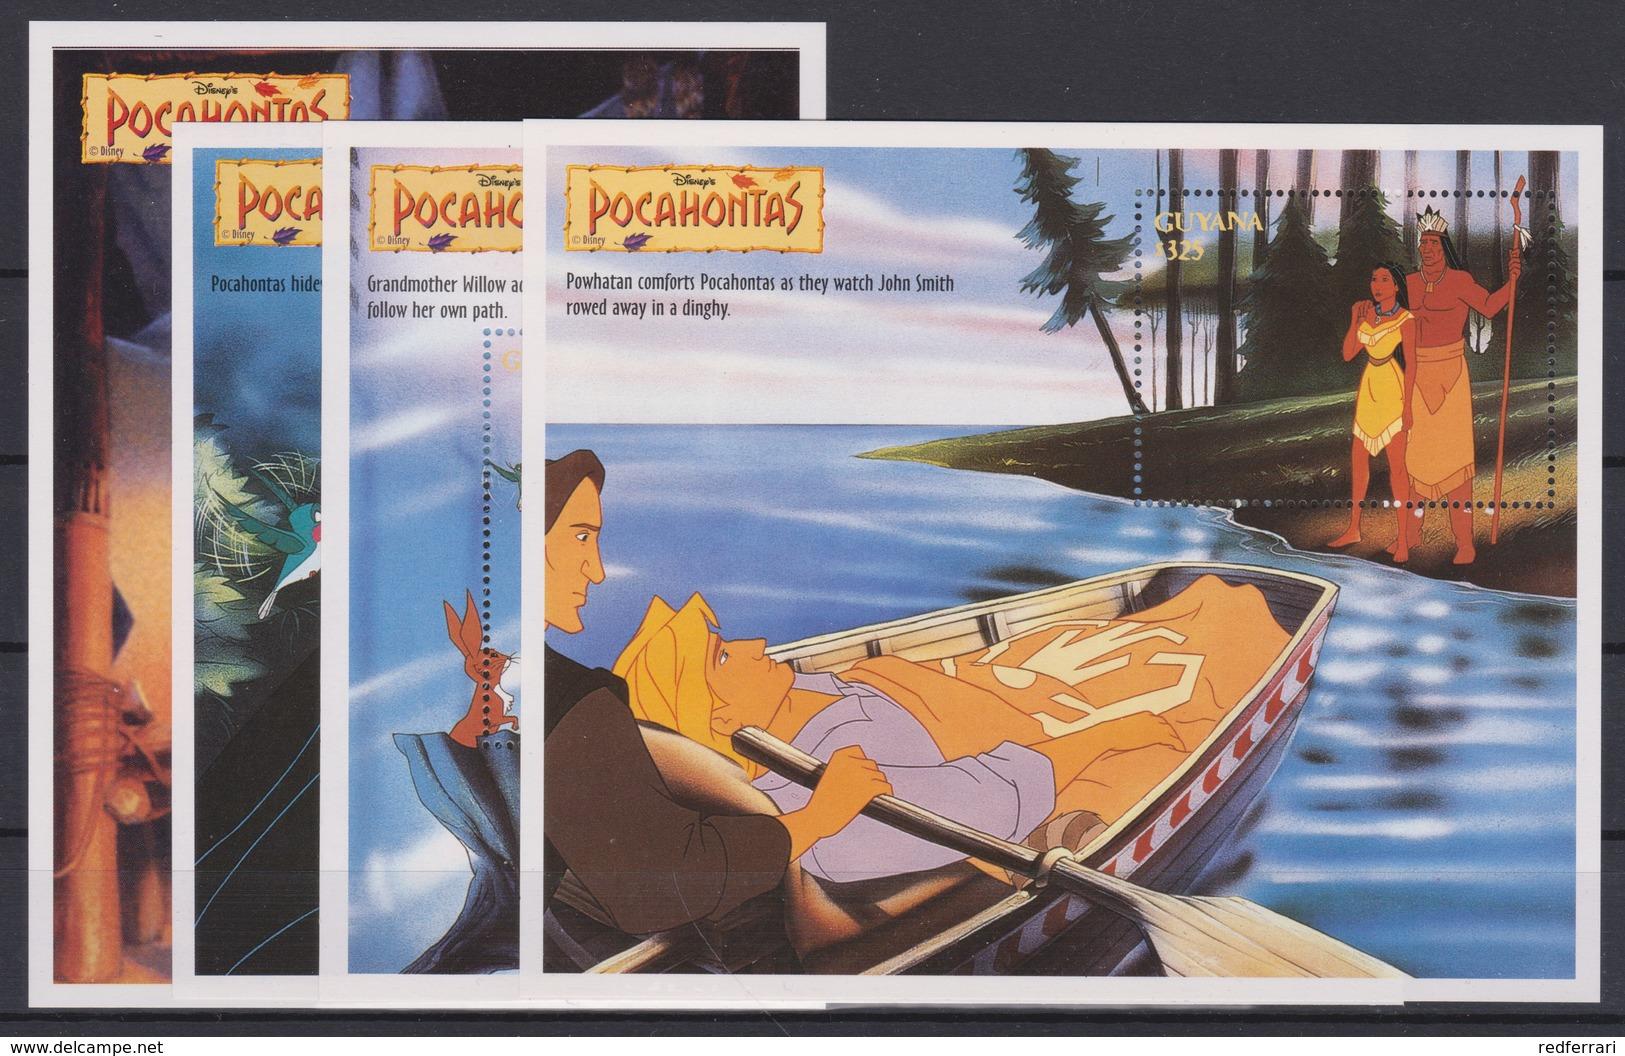 2329  WALT DISNEY - GUYANA ( POCAHONTAS ) Meeko And Flit - Pocahontas And Jhon Smith . - Disney